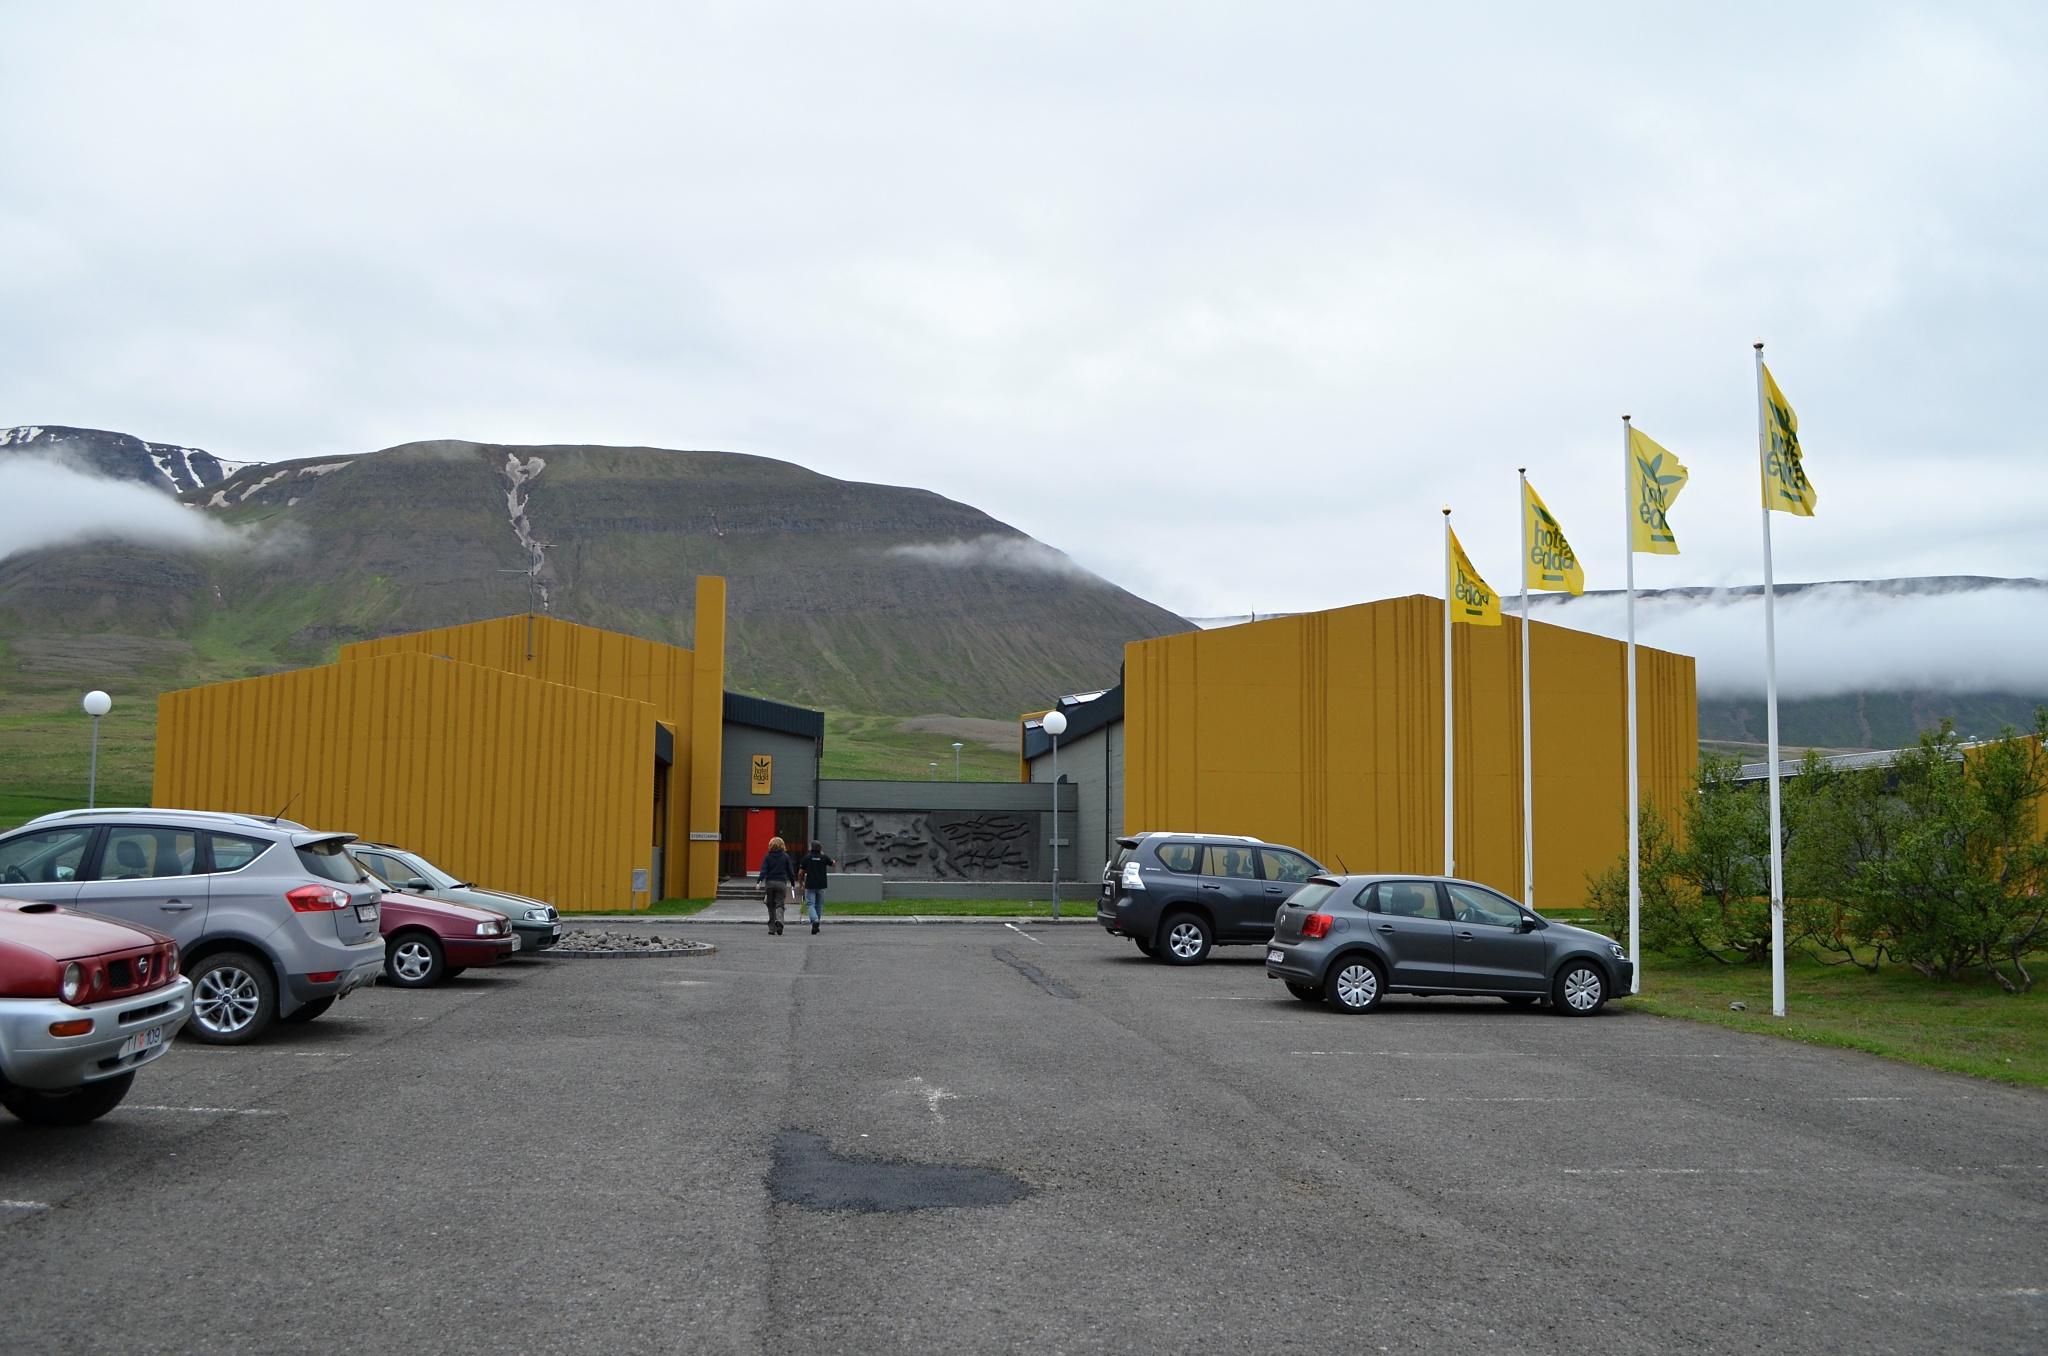 Hotel Edda Storutjarnir